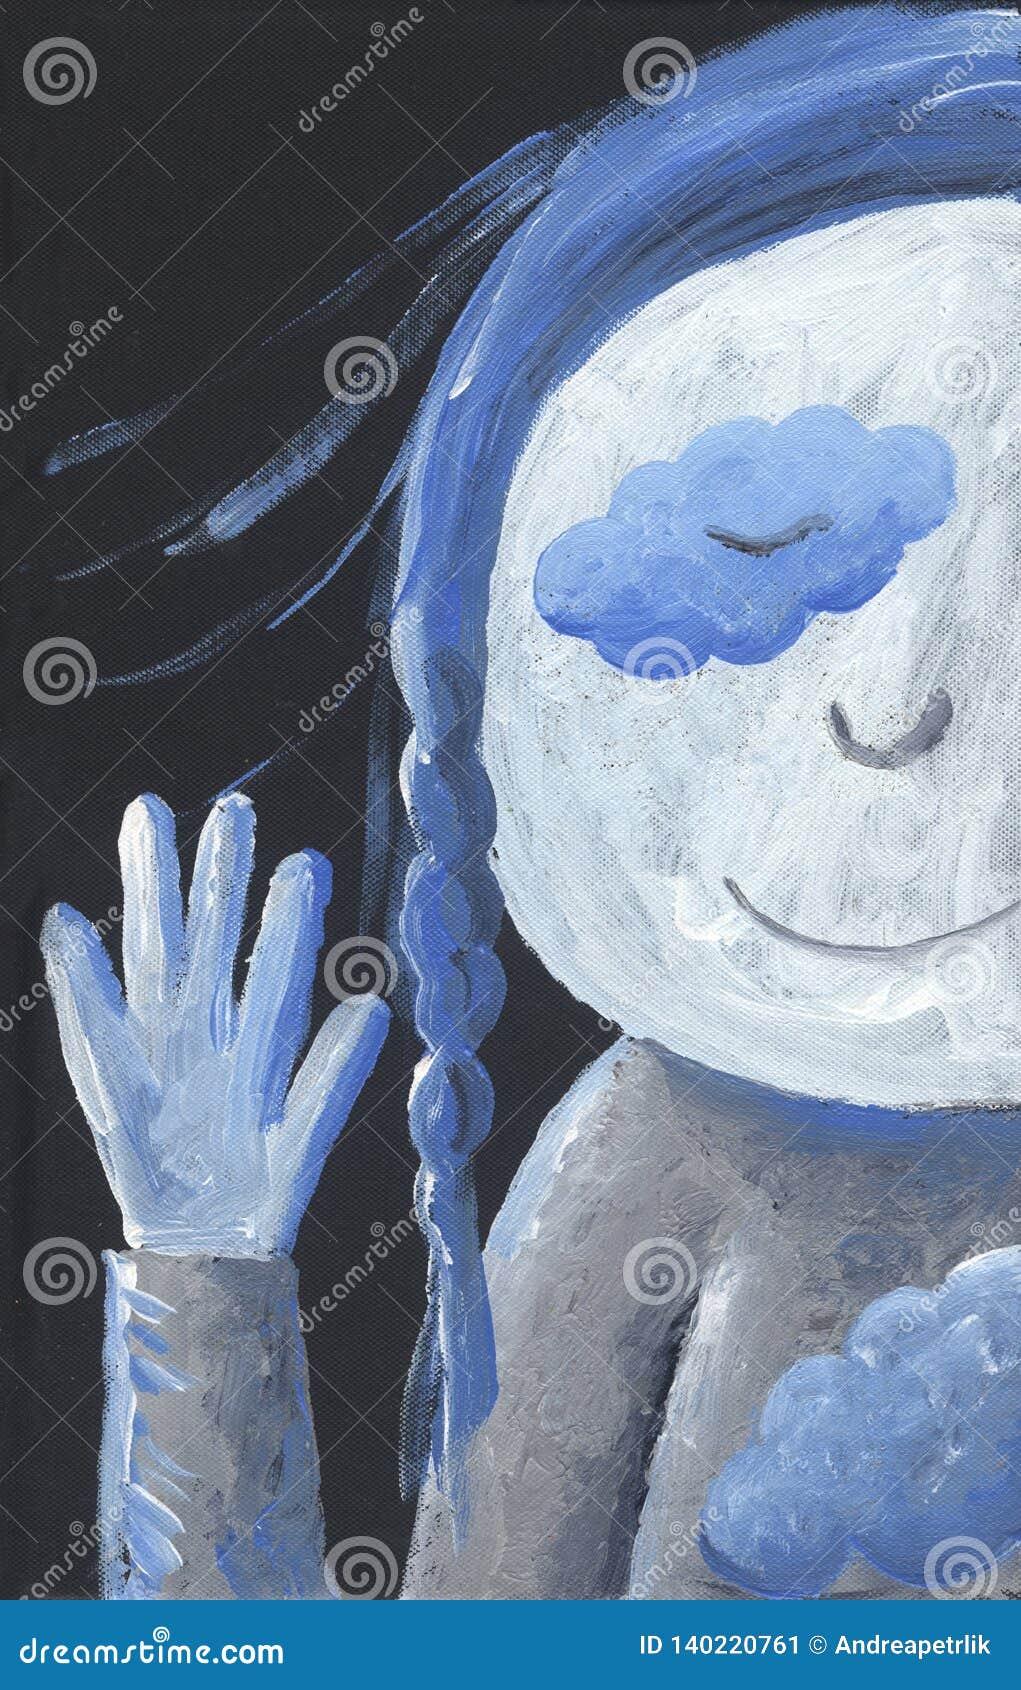 Piccolo ragazza blu dice ciao - artistico